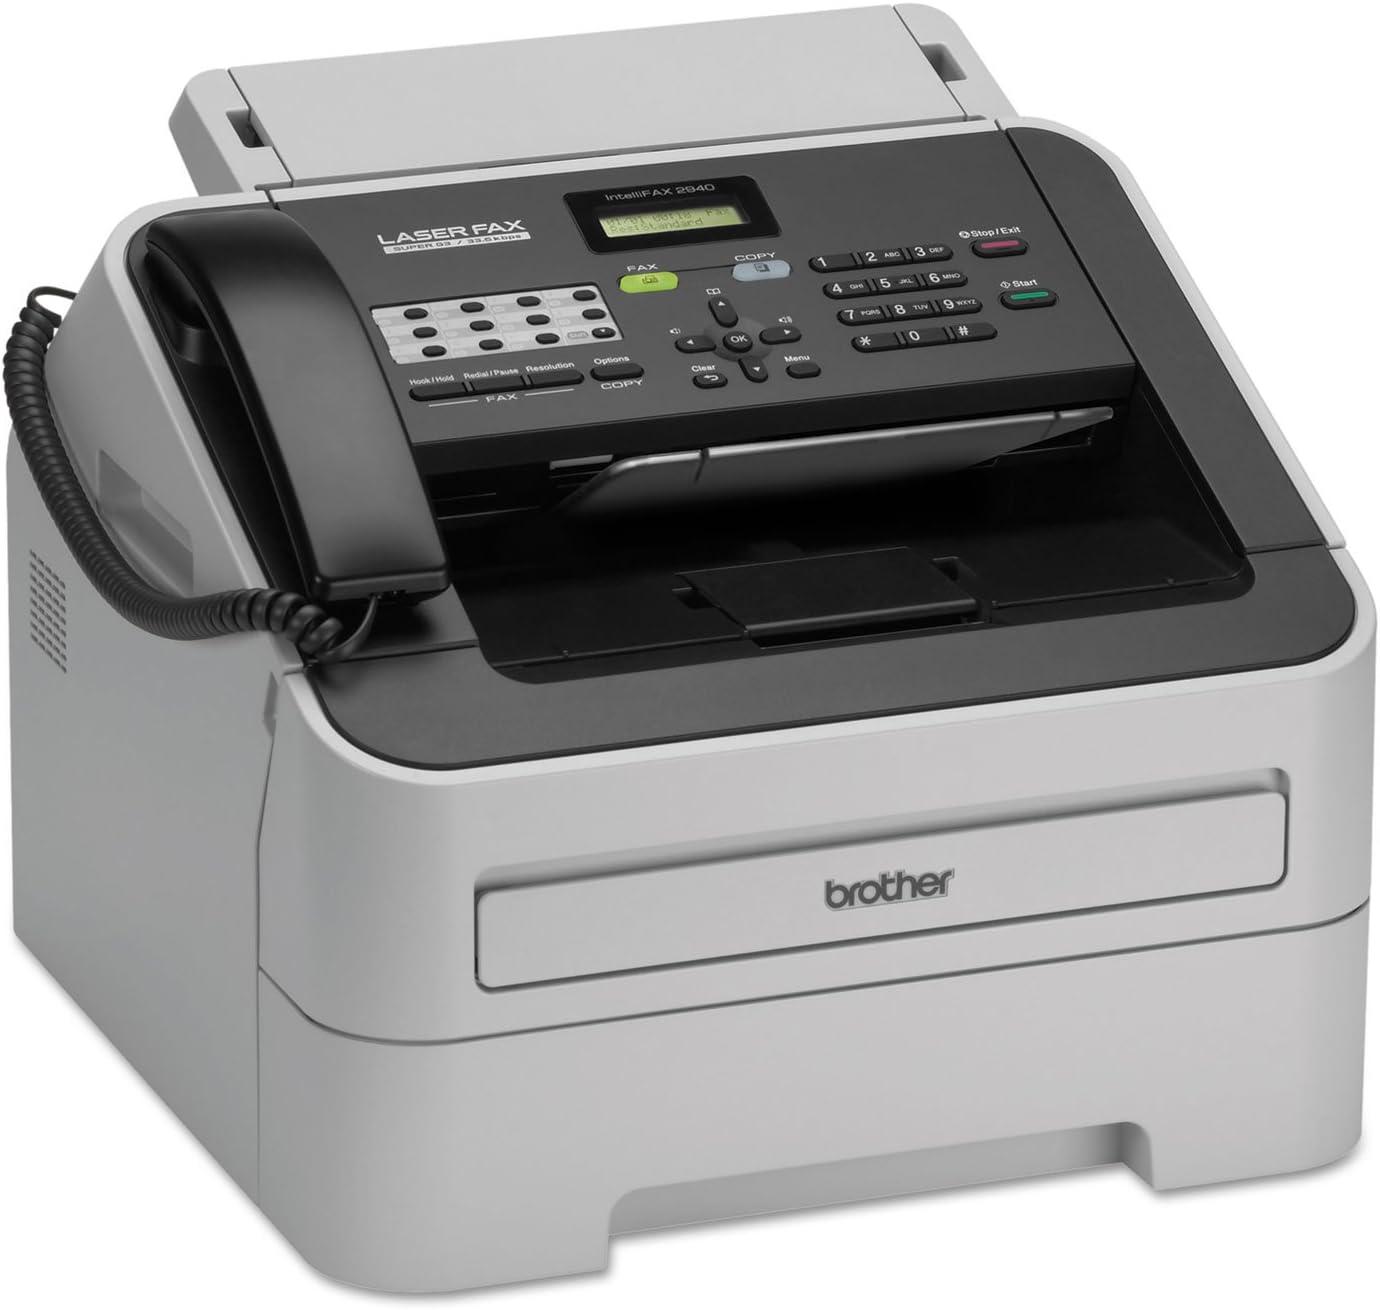 BRTFAX2940 Brother intelliFAX-2940 Laser Fax Machine